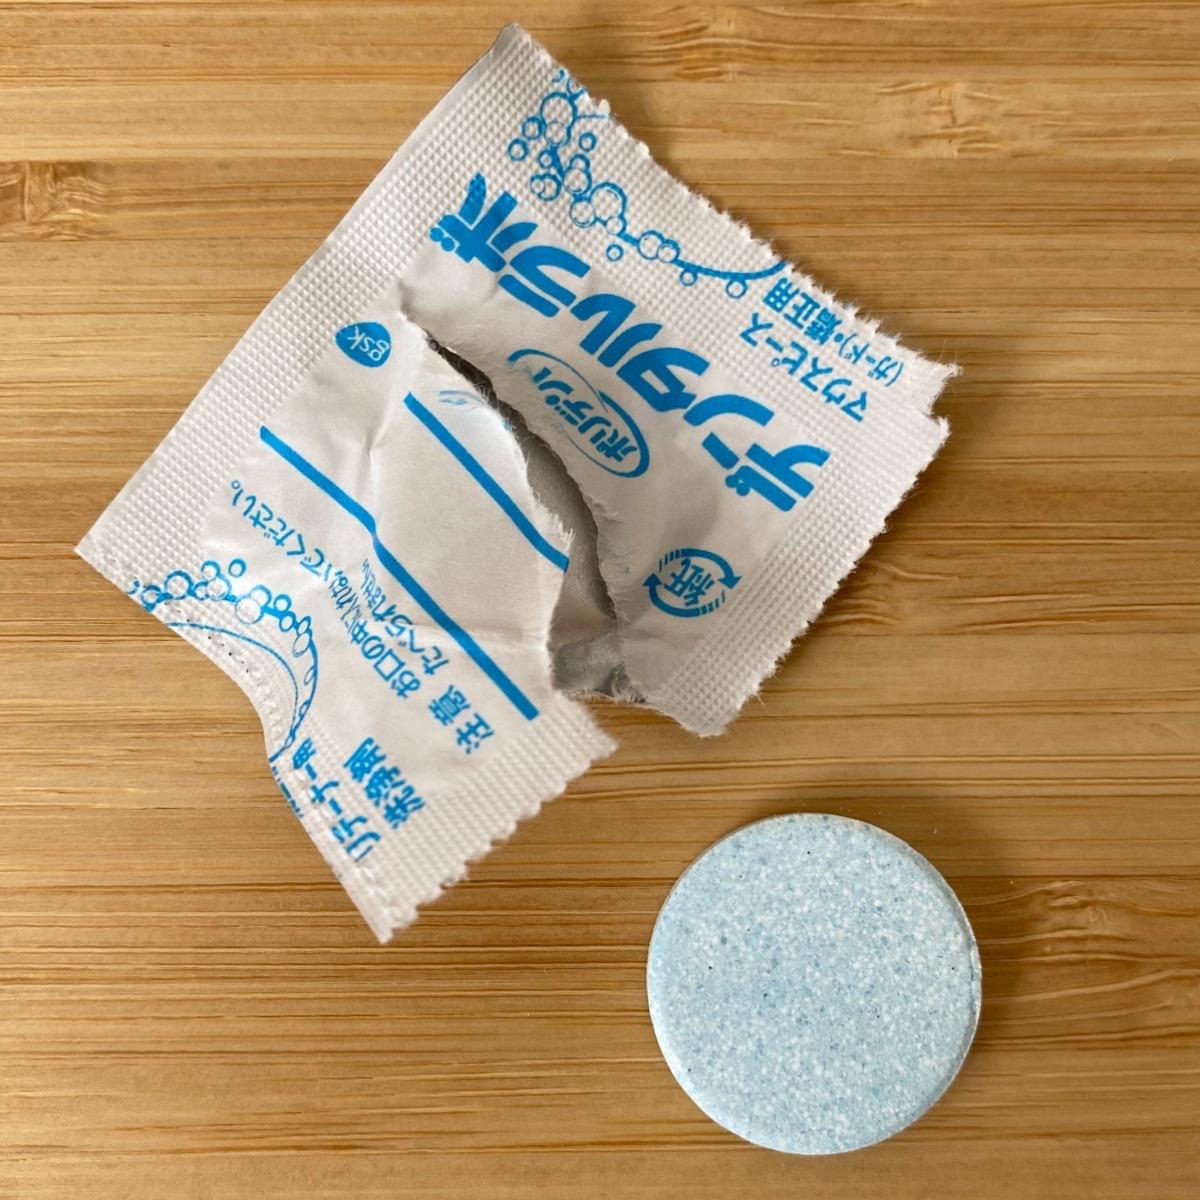 「ポリデント デンタルラボ マウスピース(ガード)・矯正用リテーナー用洗浄剤」